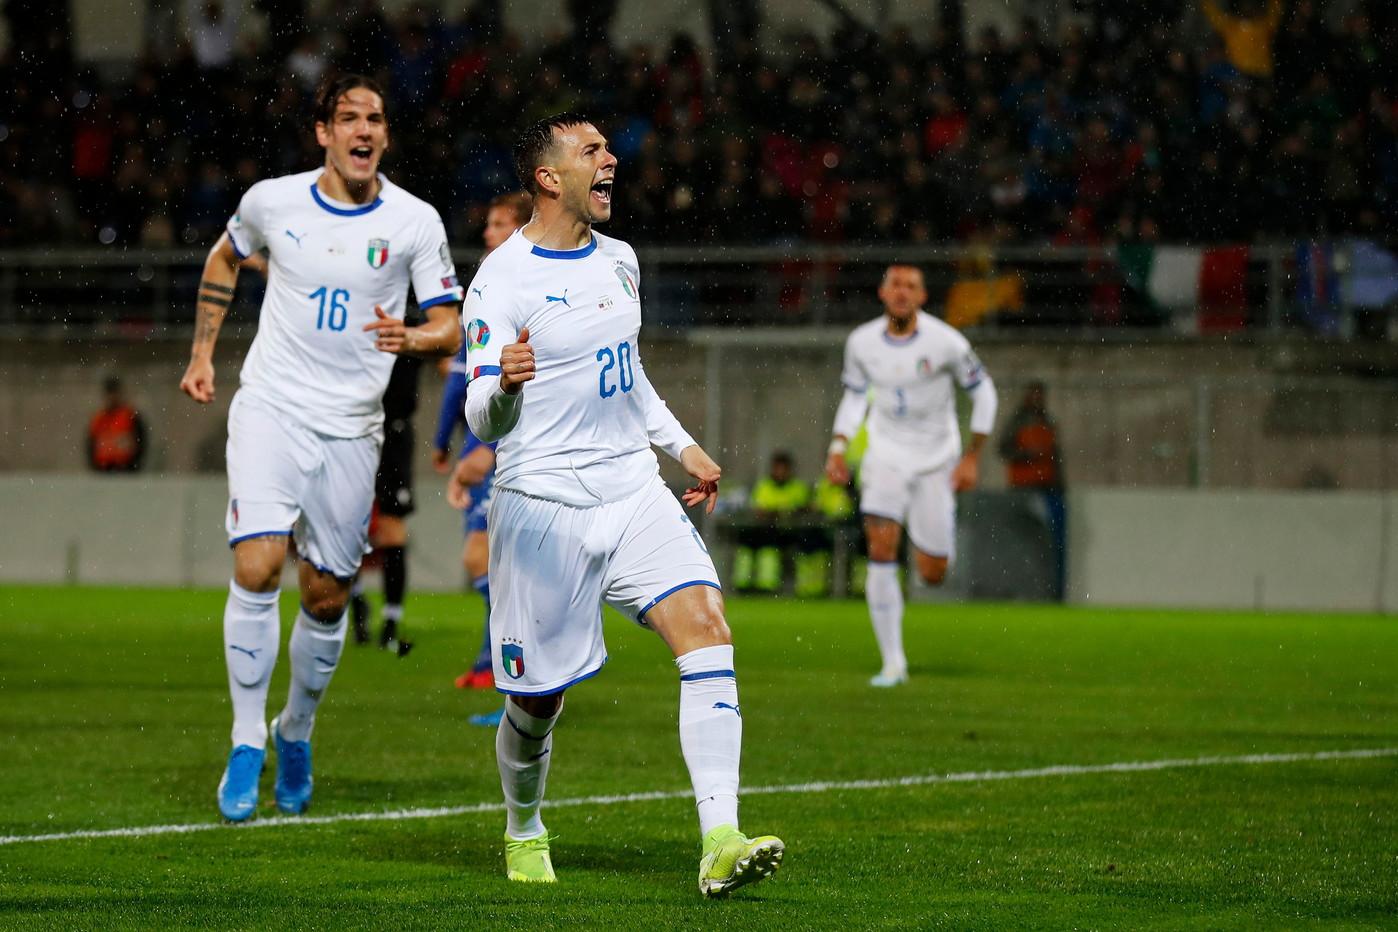 Đội tuyển Italia – Khúc hùng ca đầy hy vọng phía trước